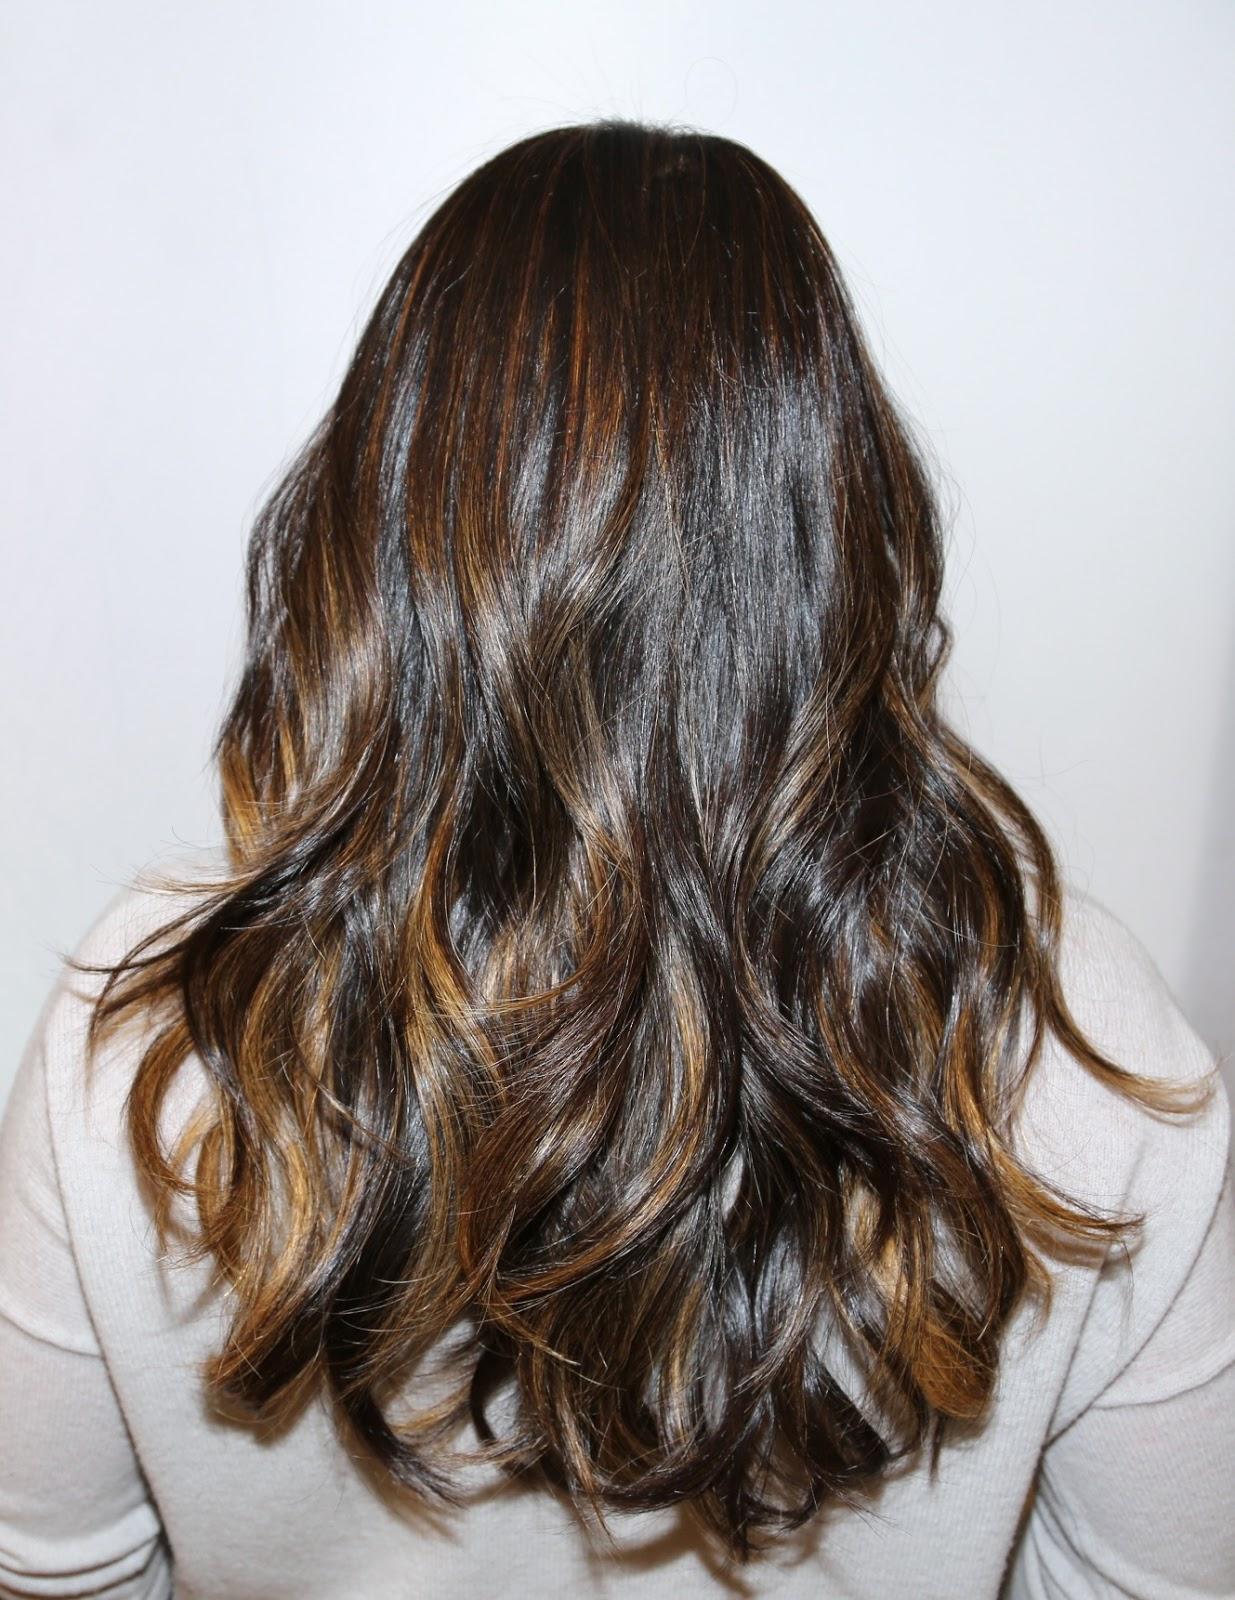 Asian hair texture